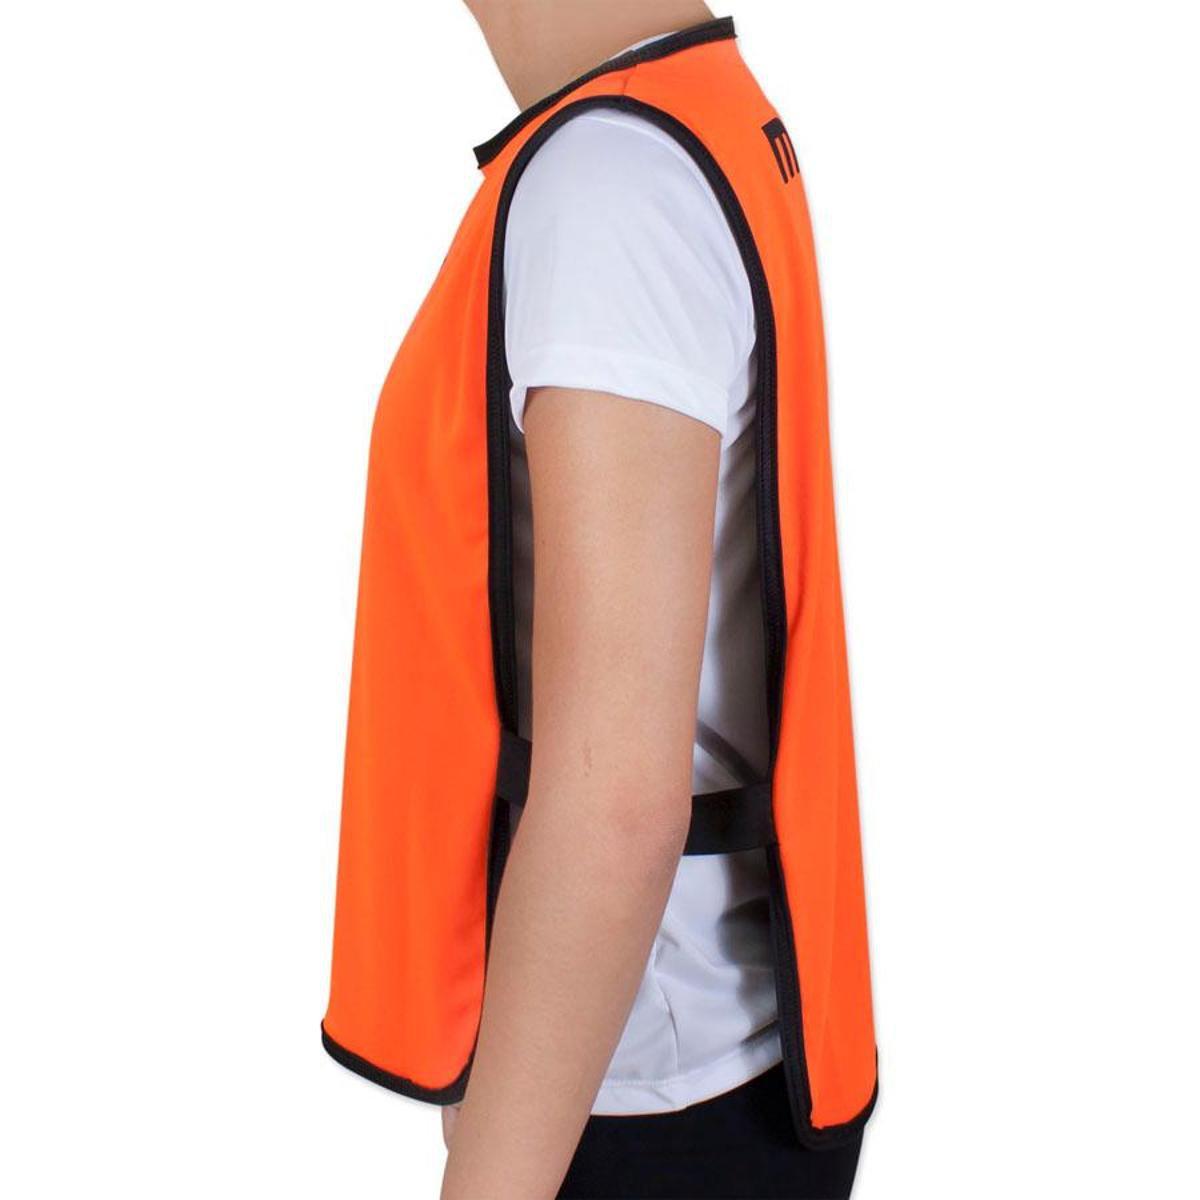 Colete para Treinamento Elite Infantil - Dupla Face Muvin COL-300 ... b6e978a516980